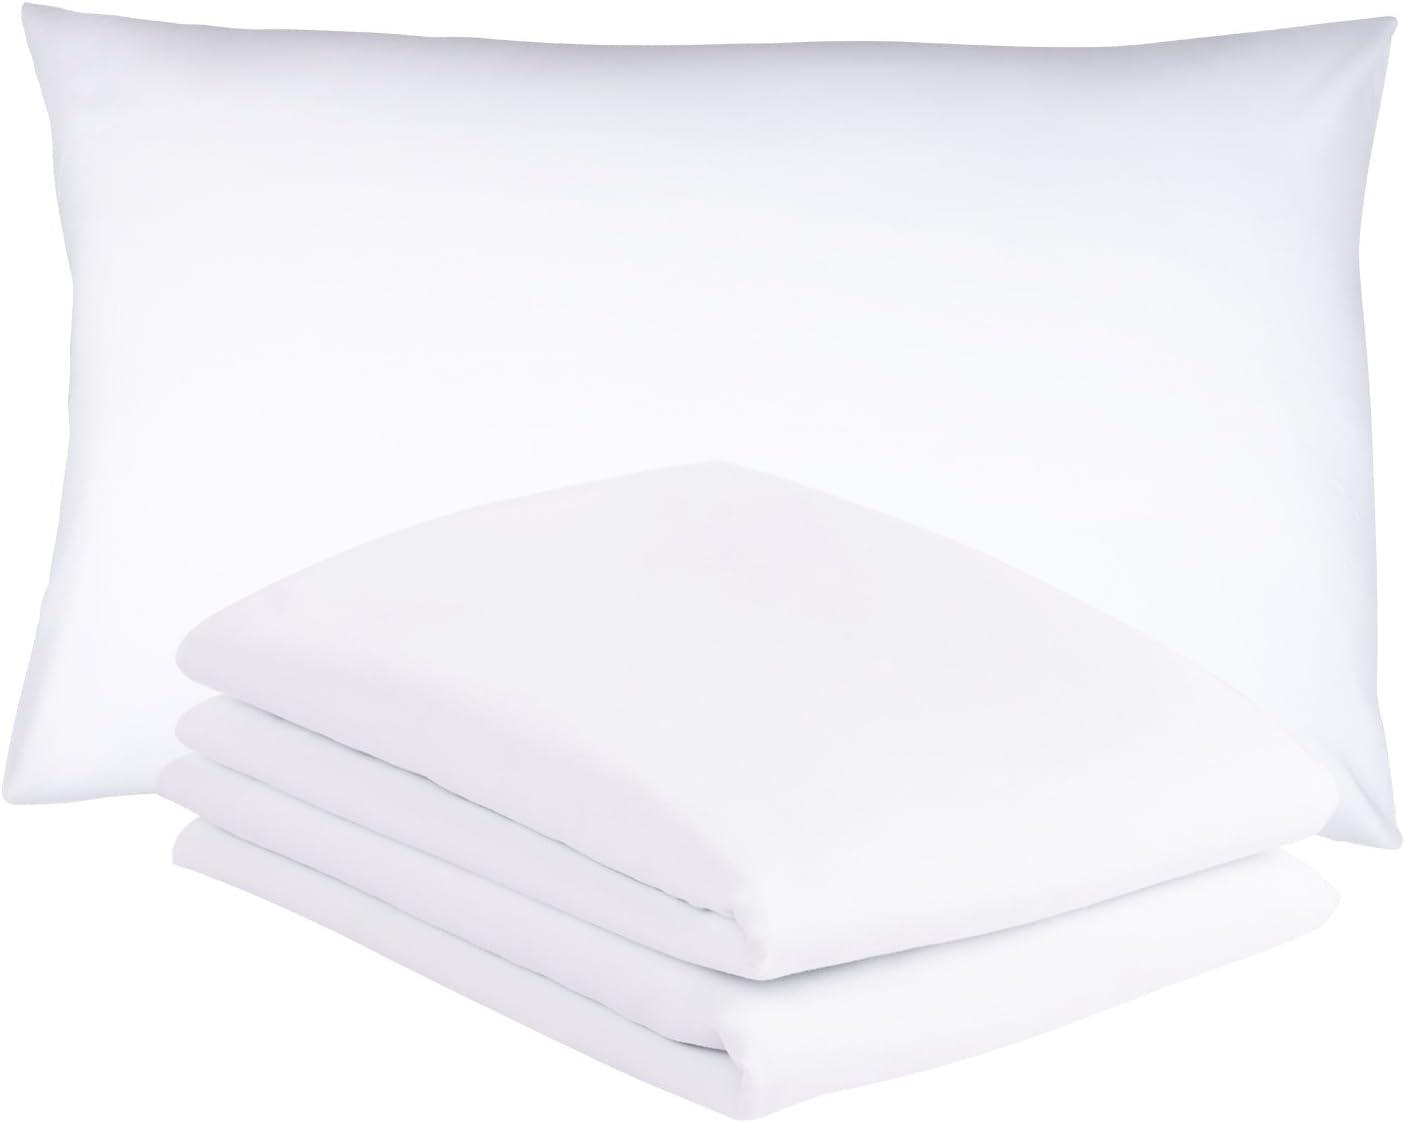 Duractron - 2 Fundas de microfibra hipoalergénica para almohada, tamaño Queen (50 x75 cm), blancas, 2 unidades